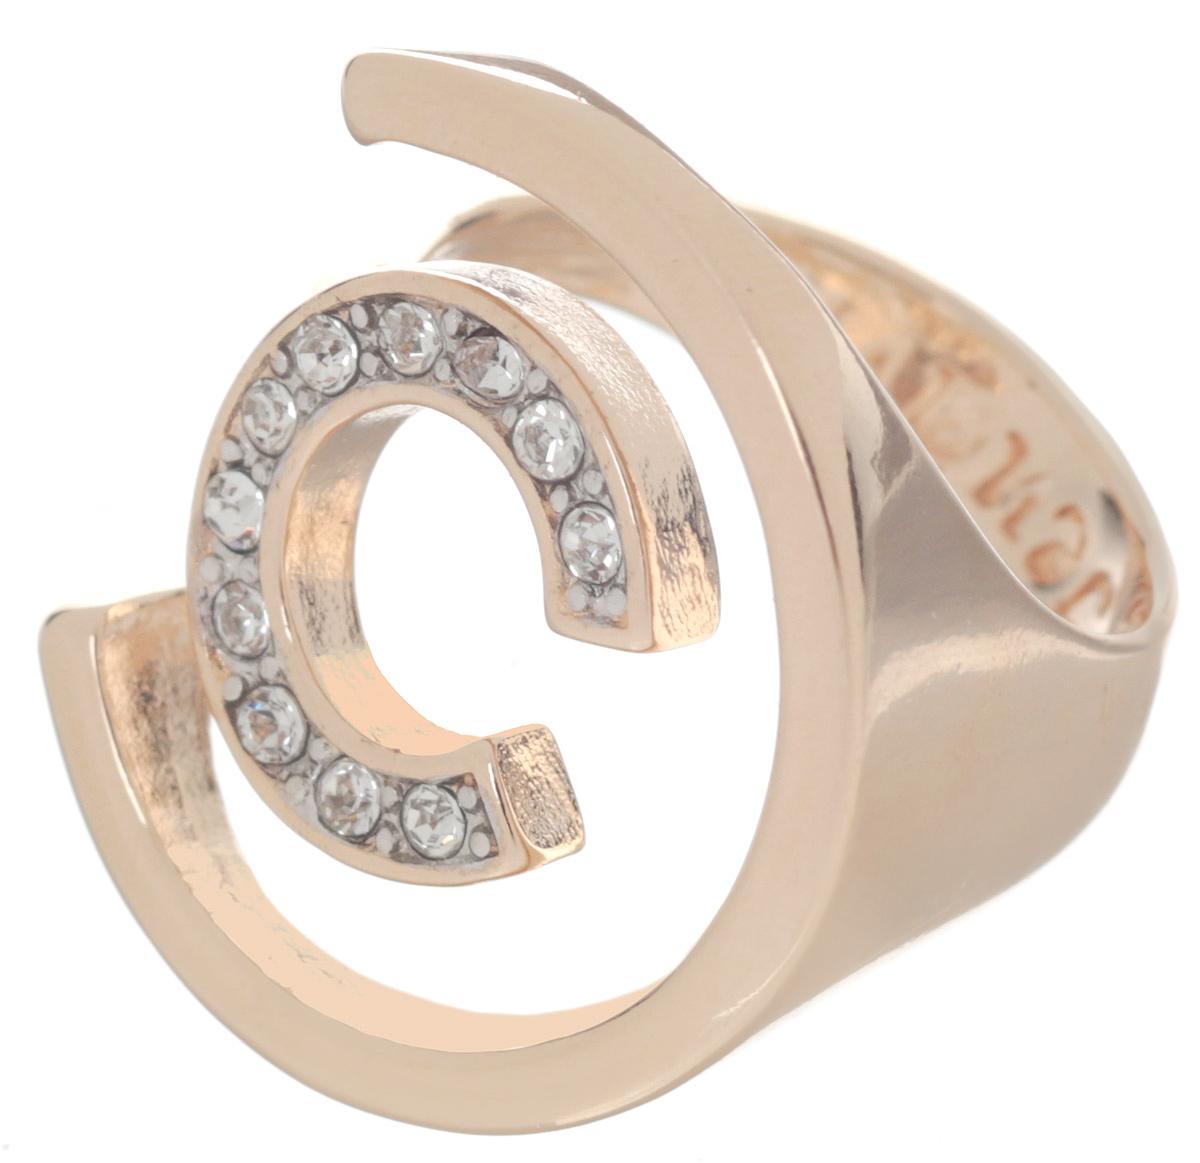 Кольцо Jenavi Форцетия, цвет: золотистый. Размер 16Коктейльное кольцоЭлегантное кольцо Jenavi Форцетия выполнено из антиаллергического ювелирного сплава, покрытого позолотой с родированием. Декоративный элемент выполнен в виде двух полуокружностей разного диаметра, одна из которых инкрустирована гранеными кристаллами Swarovski. Стильное кольцо придаст вашему образу изюминку и подчеркнет индивидуальность.